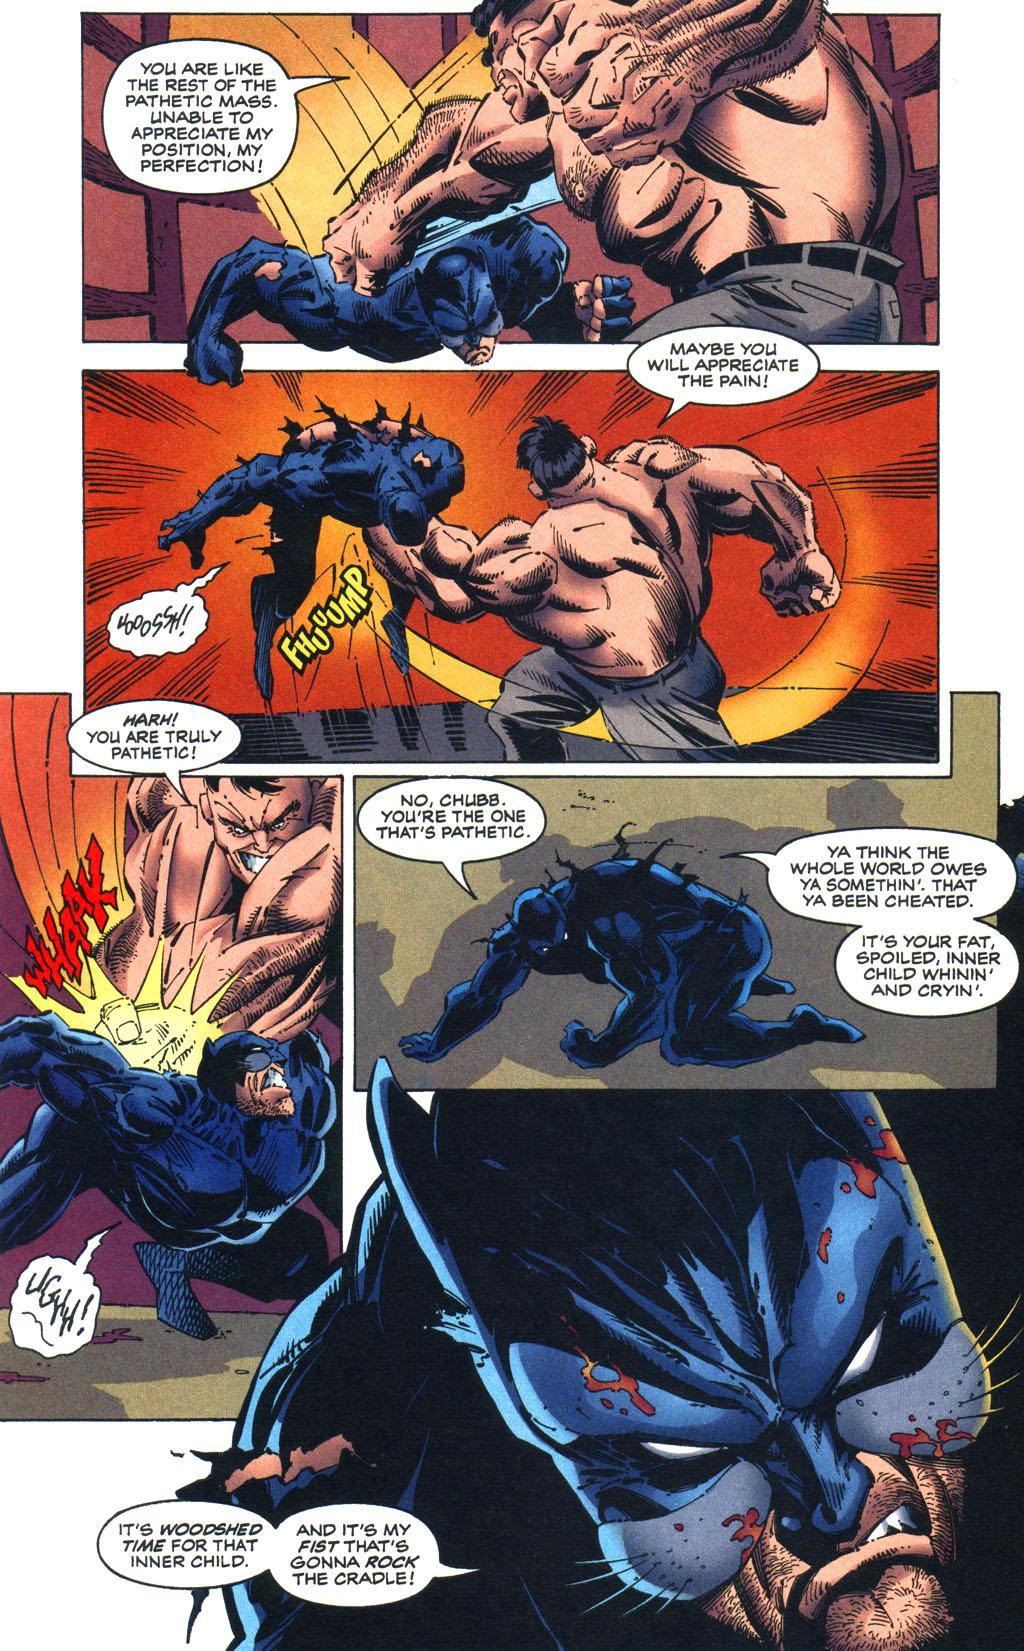 Read online Batman/Wildcat comic -  Issue #3 - 18